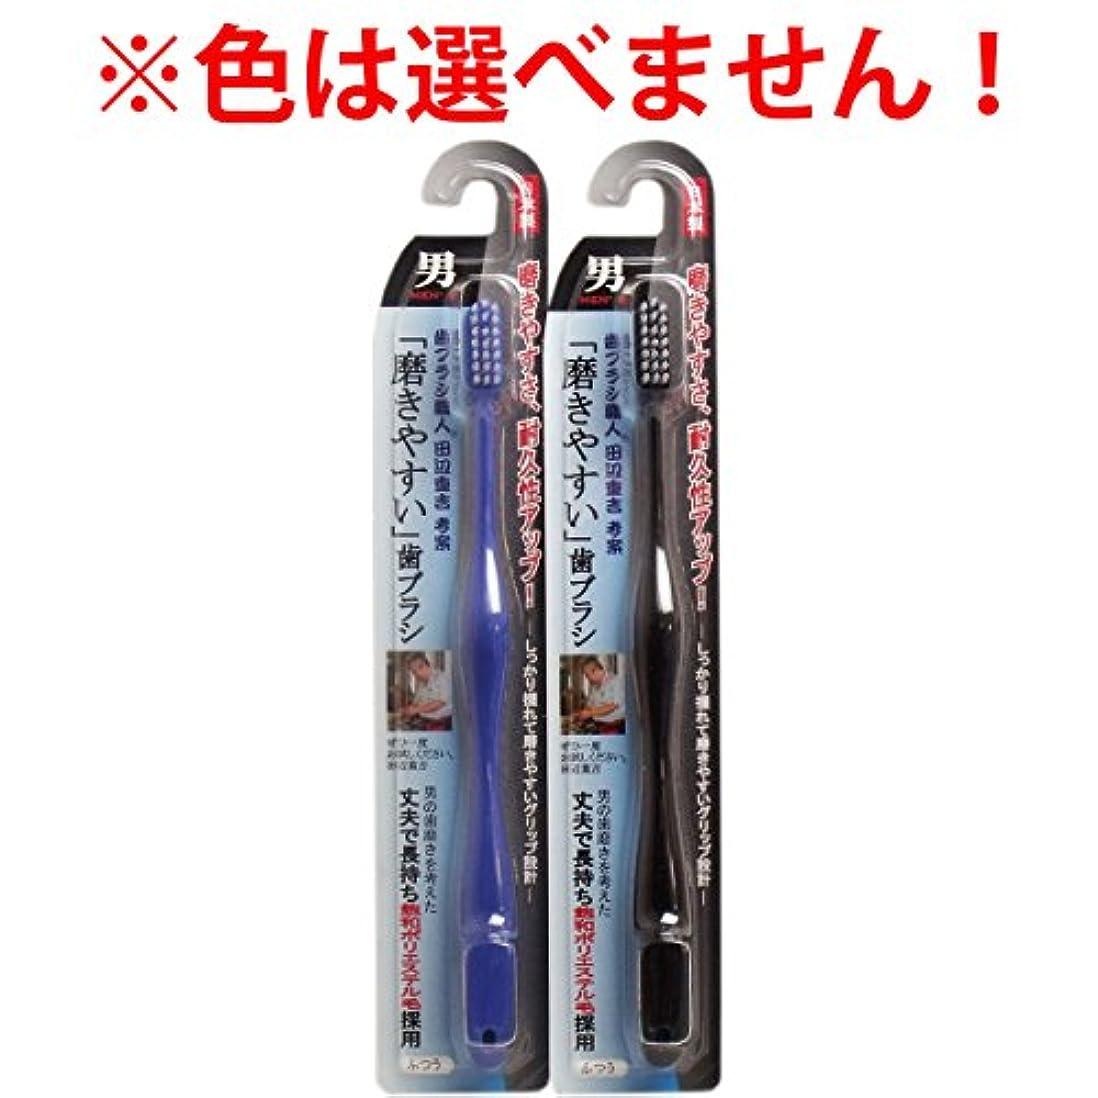 スポーツマン発見輝くライフレンジ 「磨きやすい」歯ブラシ男 LT-08 1本